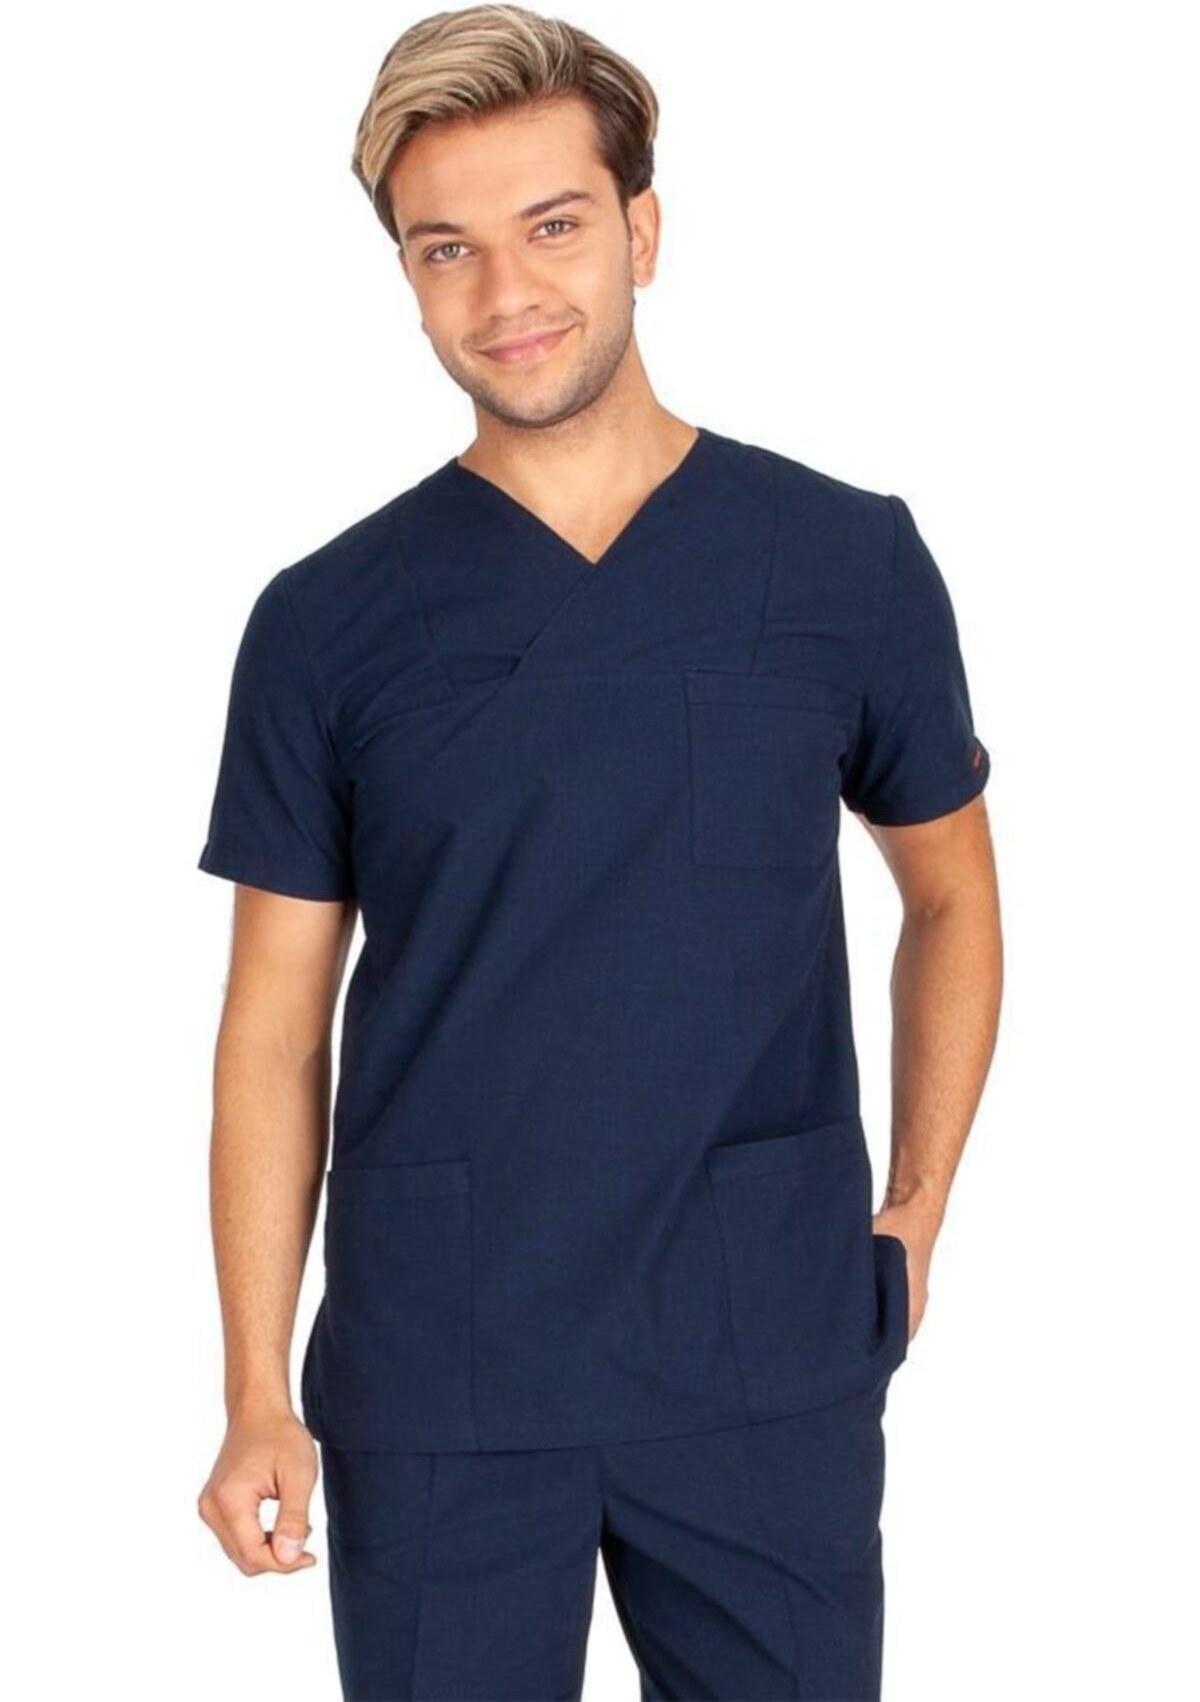 تصویر یونیفرم کلاسیک پرستار مردانه یقه پارچه آستین تکی برند VEHBİ کد 1621670161